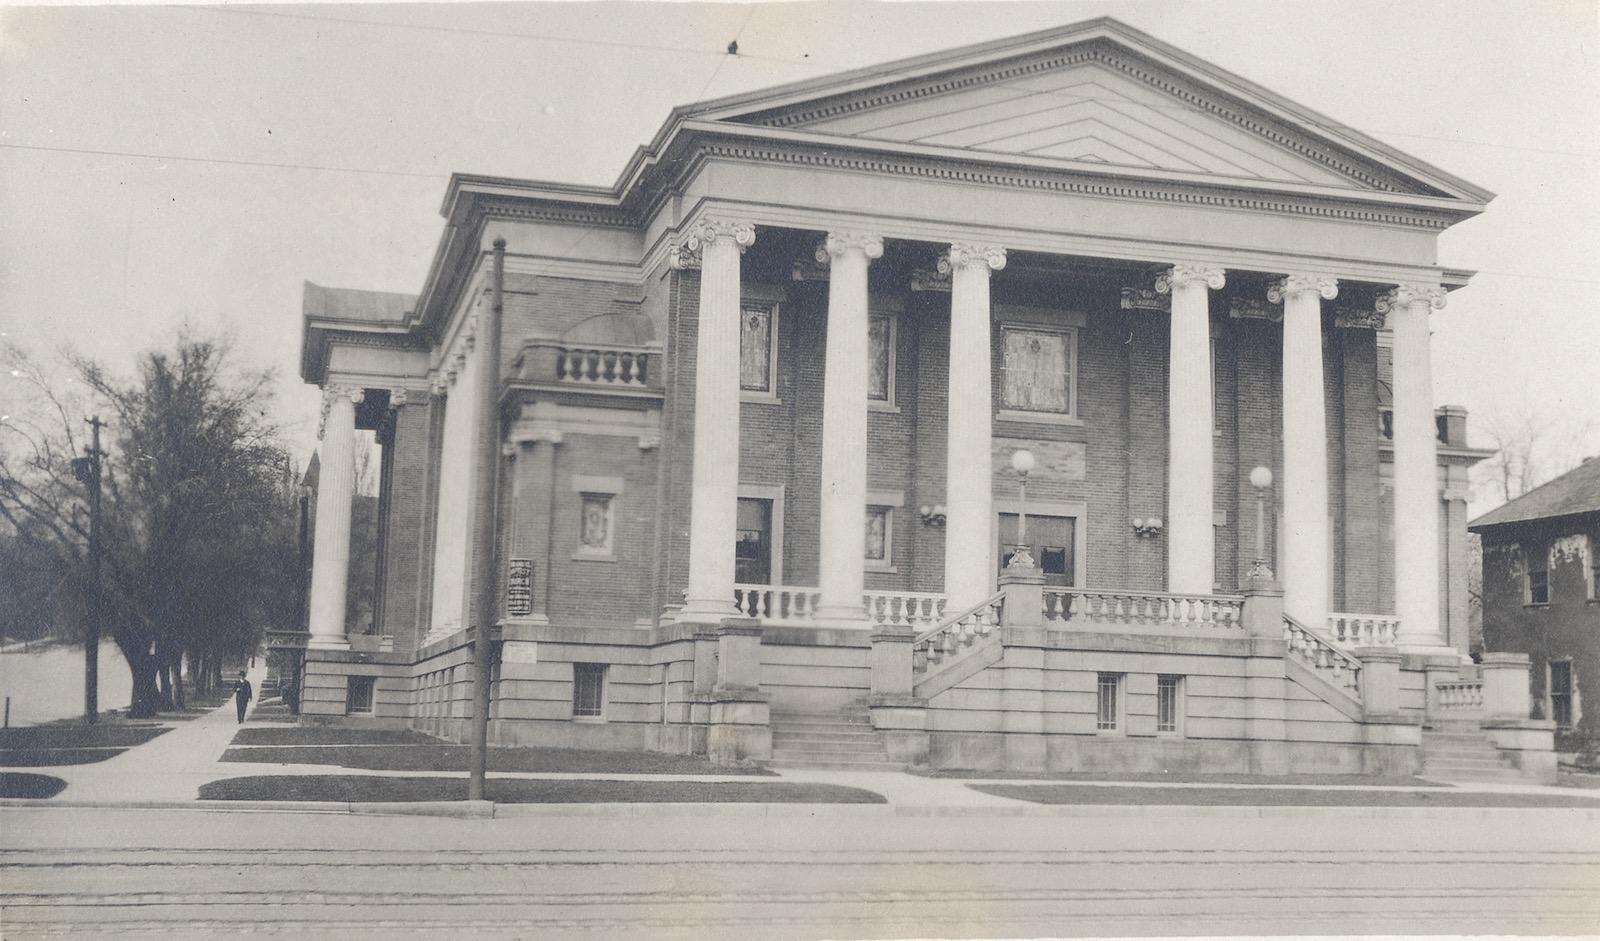 Immanuel Baptist Church, 401 E. 200 South